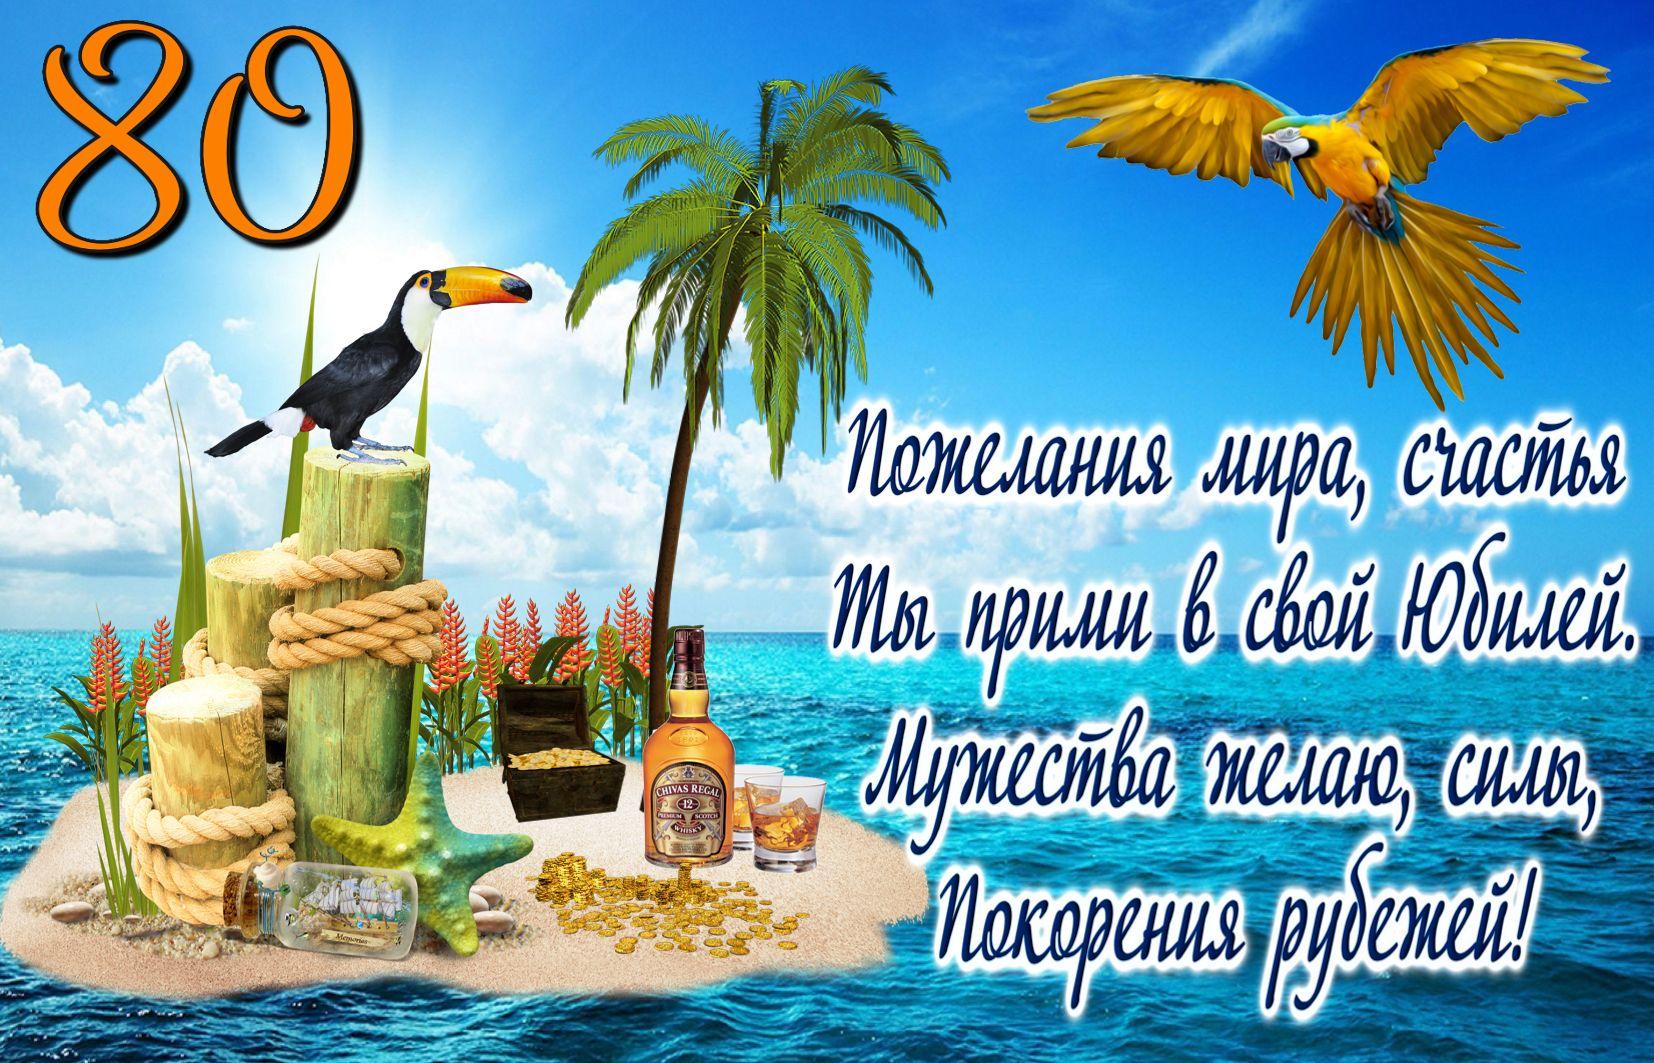 Открытка со сказочным островком и пожеланием на юбилей 80 лет